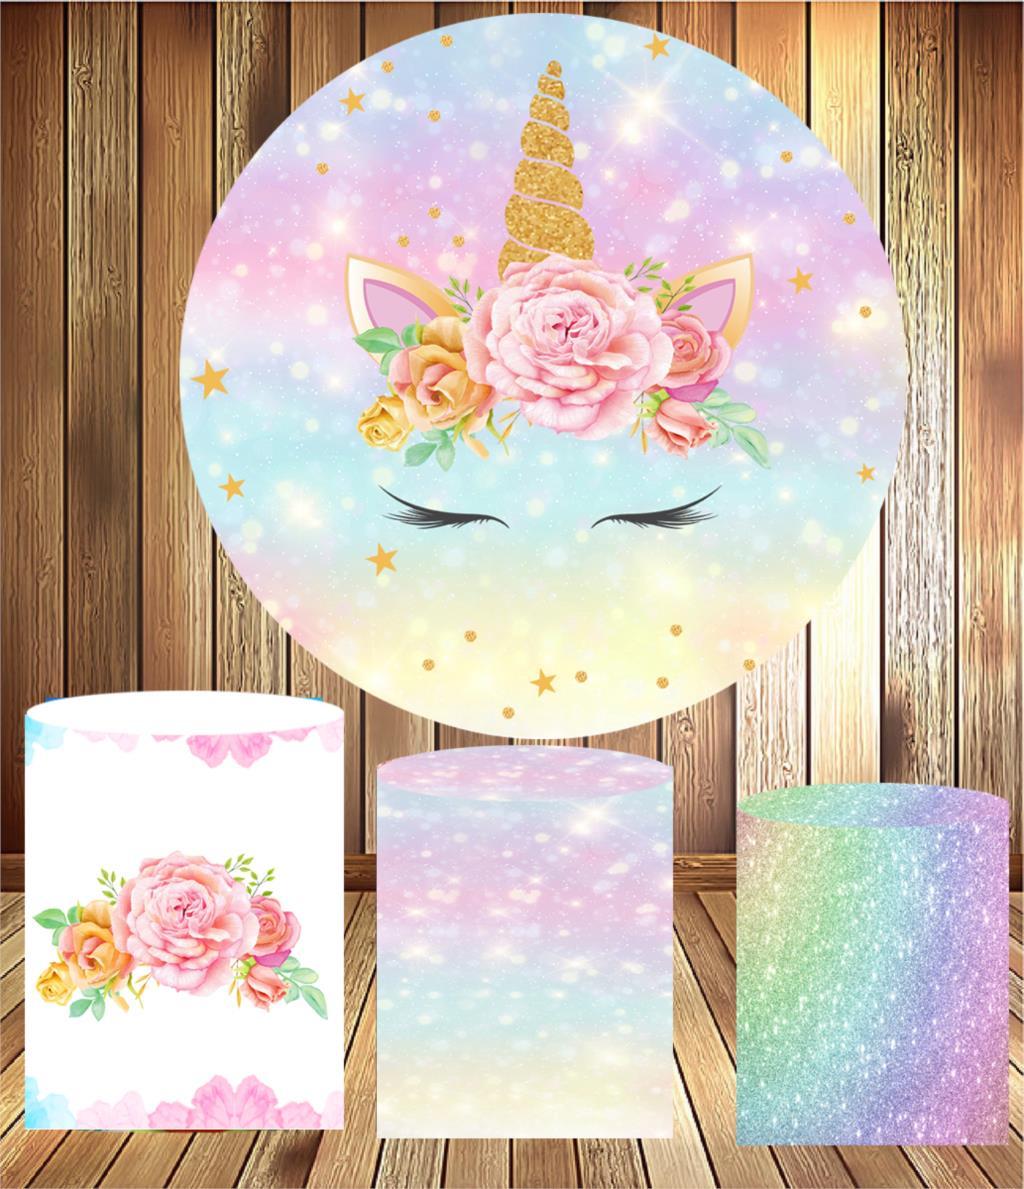 Fondo círculo redondo cumpleaños mini decoración de fiesta de mesa Tema de unicornio baby shower tela elástica 3 cilindros plinths cubierta